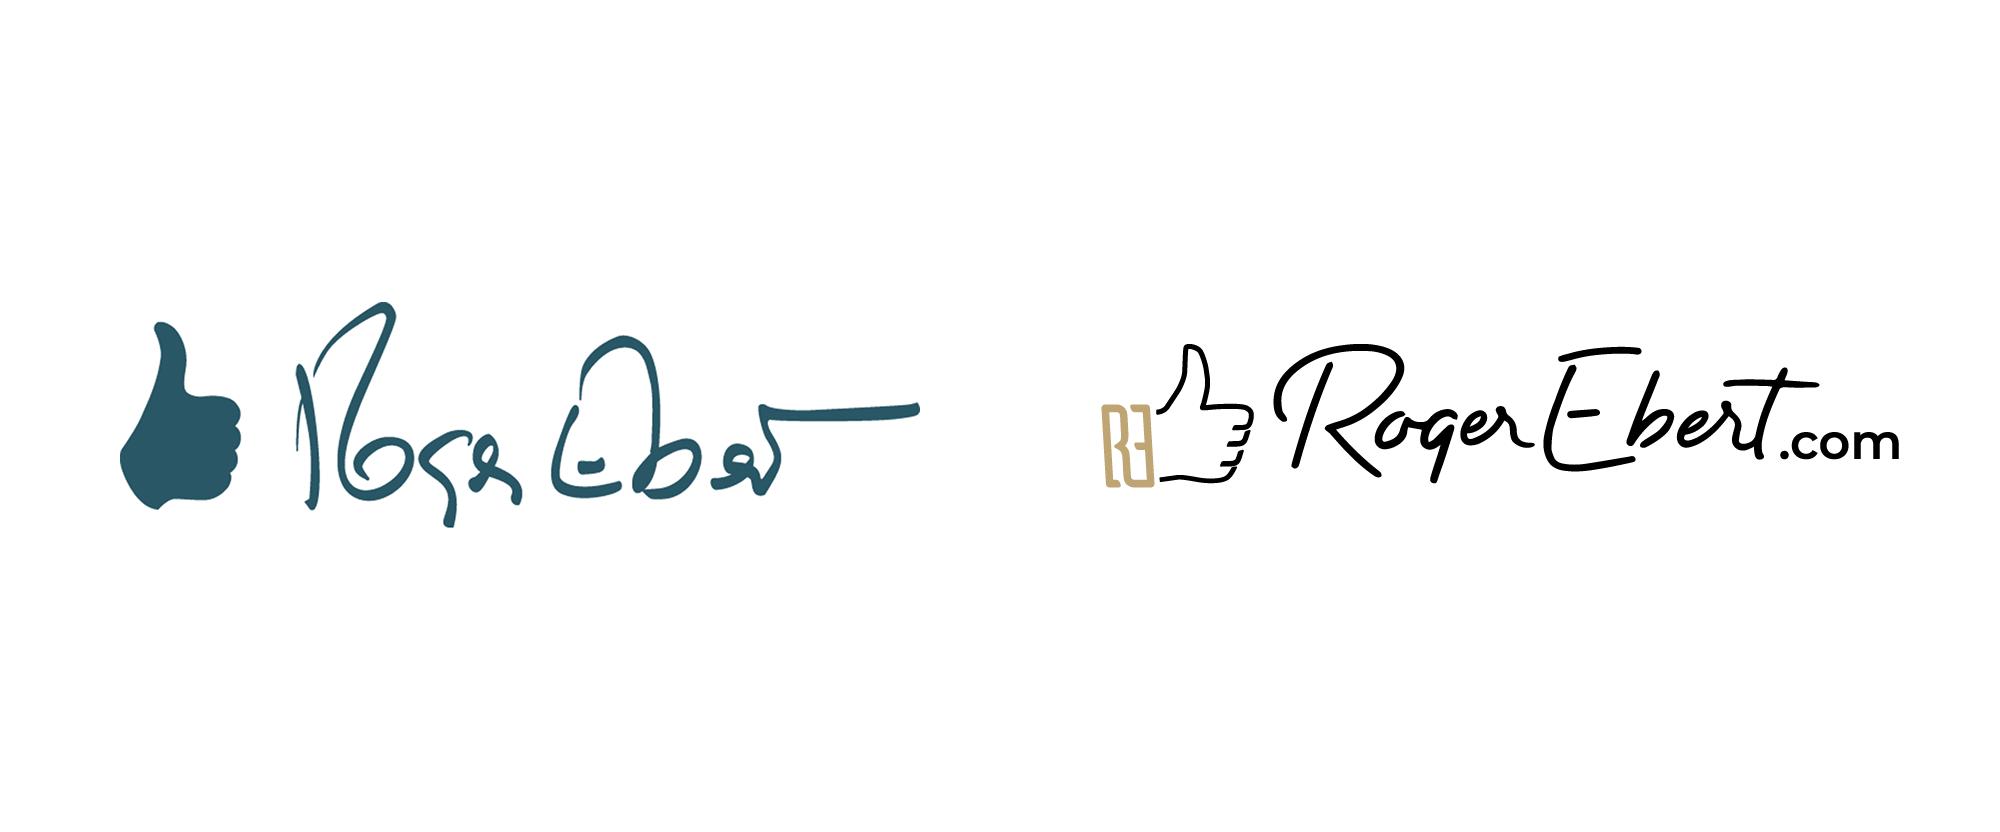 New Logo for RogerEbert.com